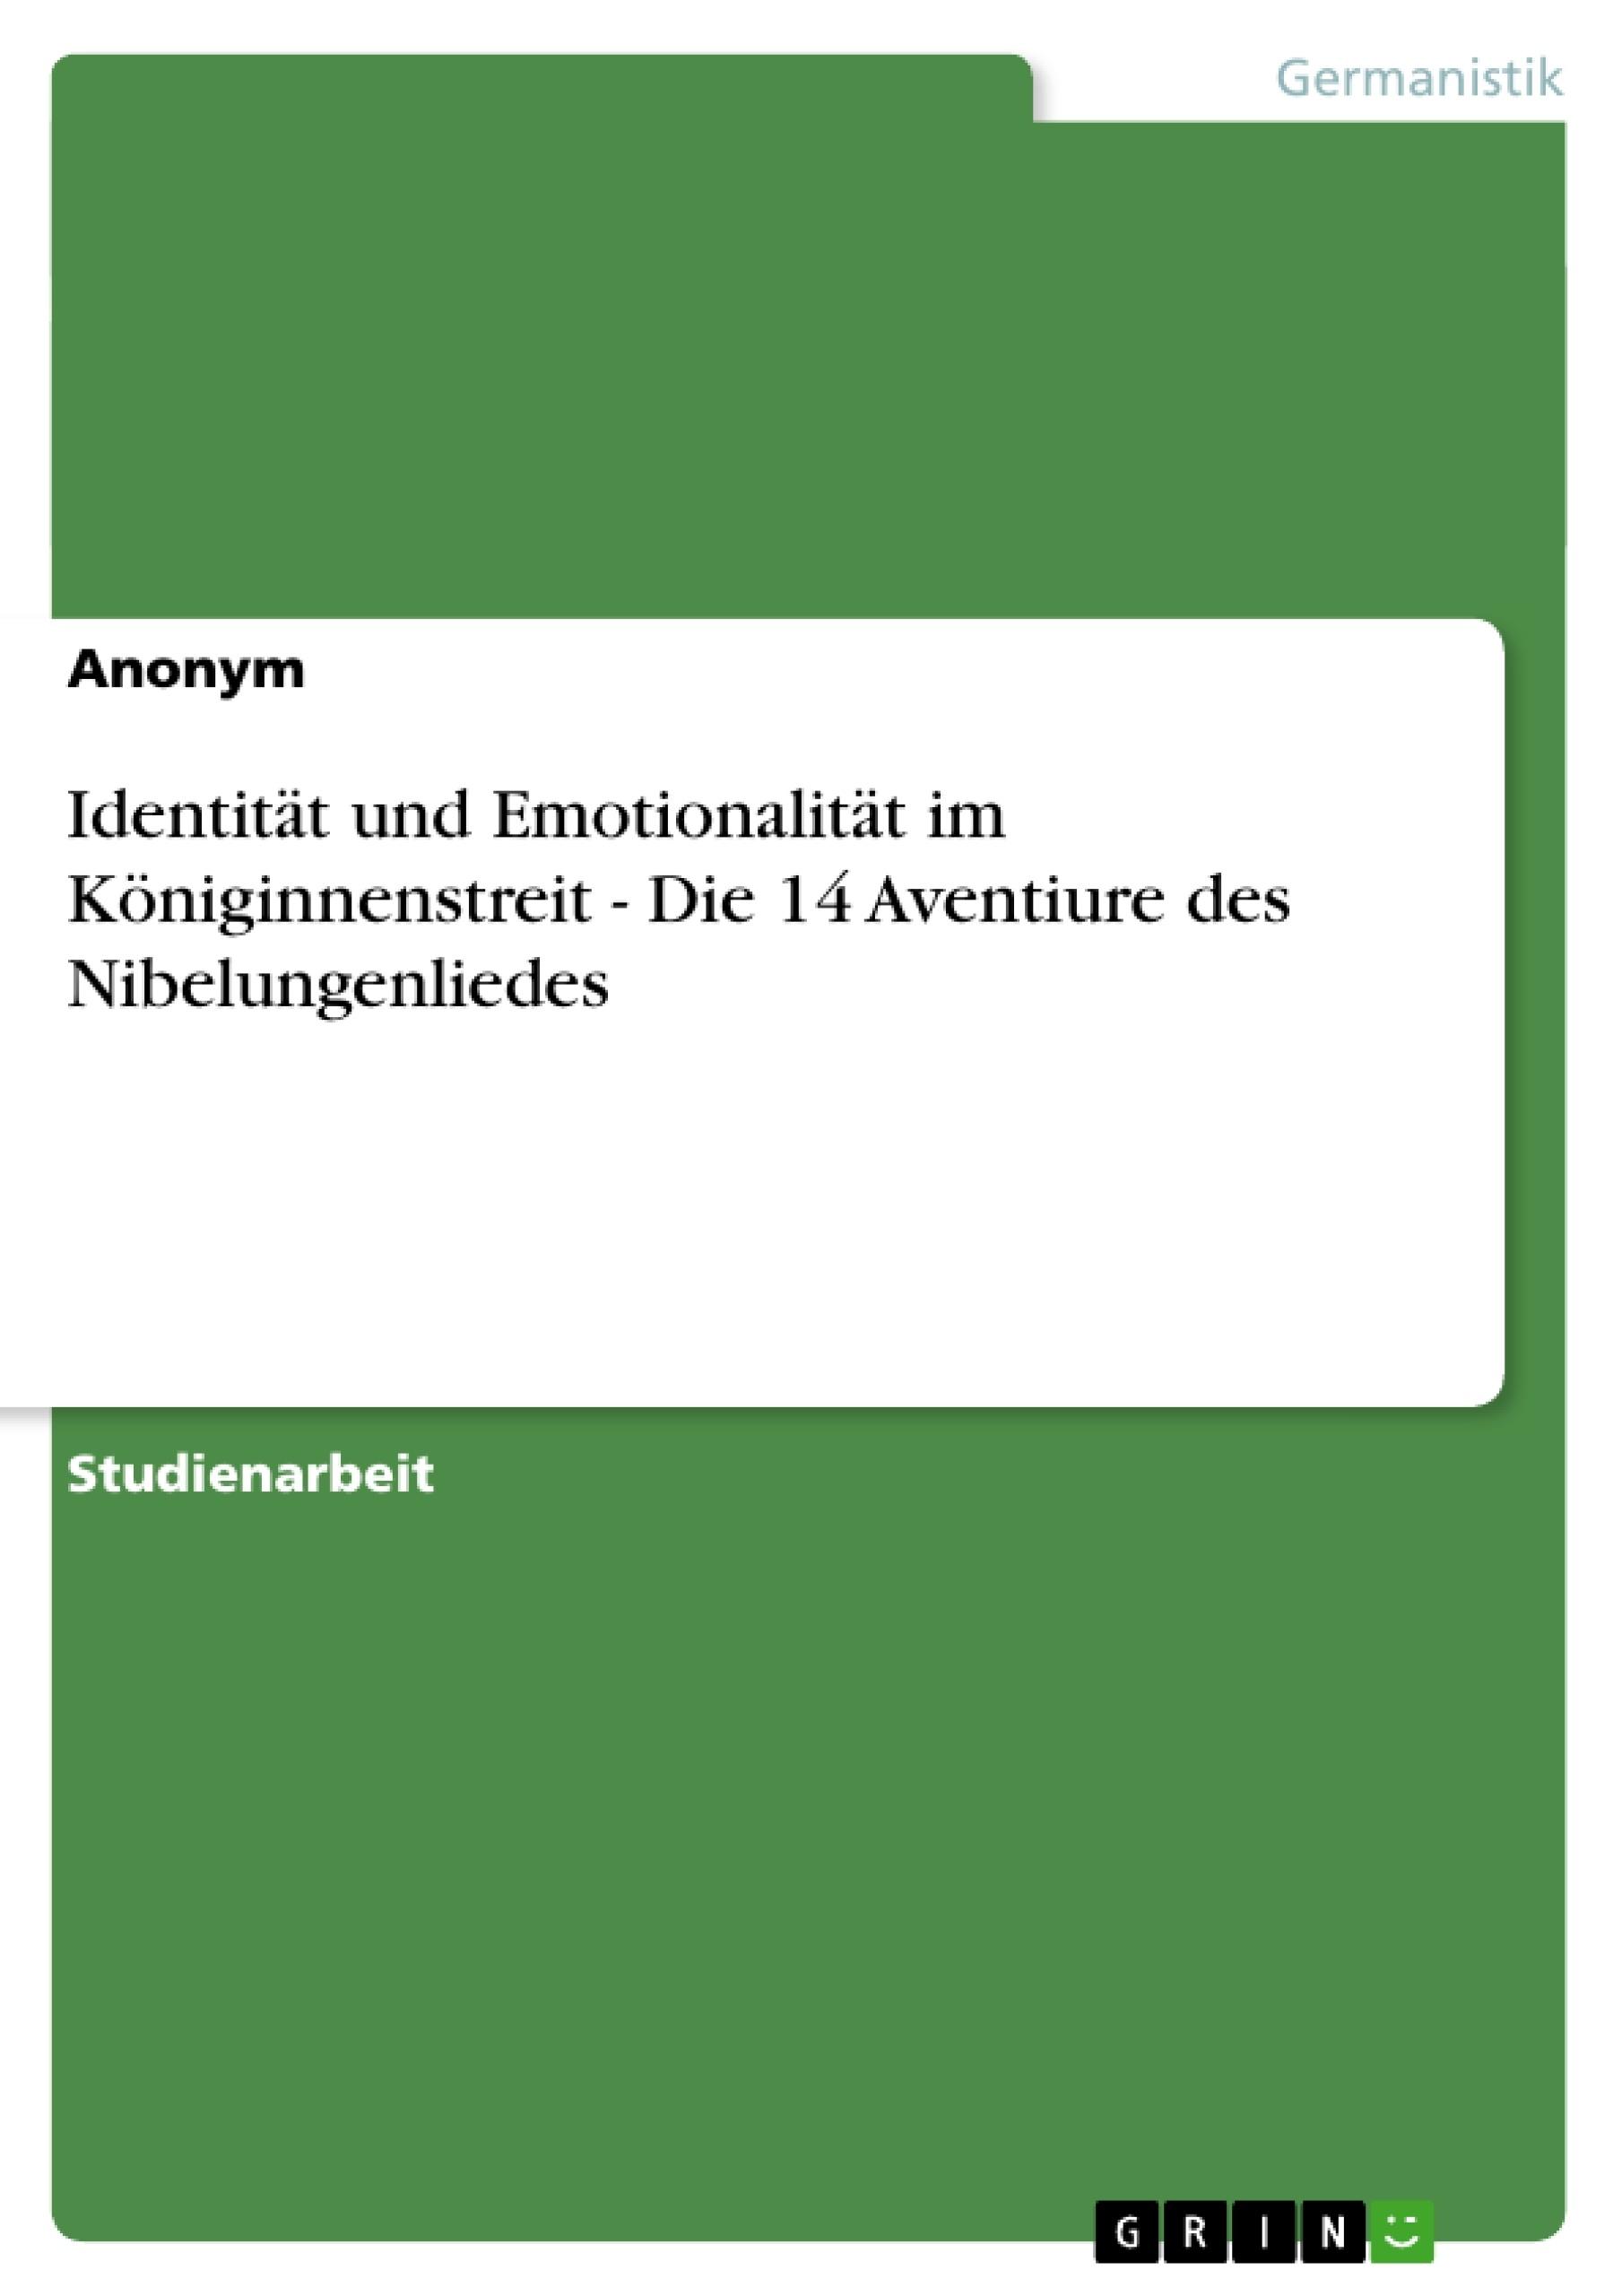 Titel: Identität und Emotionalität im Königinnenstreit - Die 14 Aventiure des Nibelungenliedes